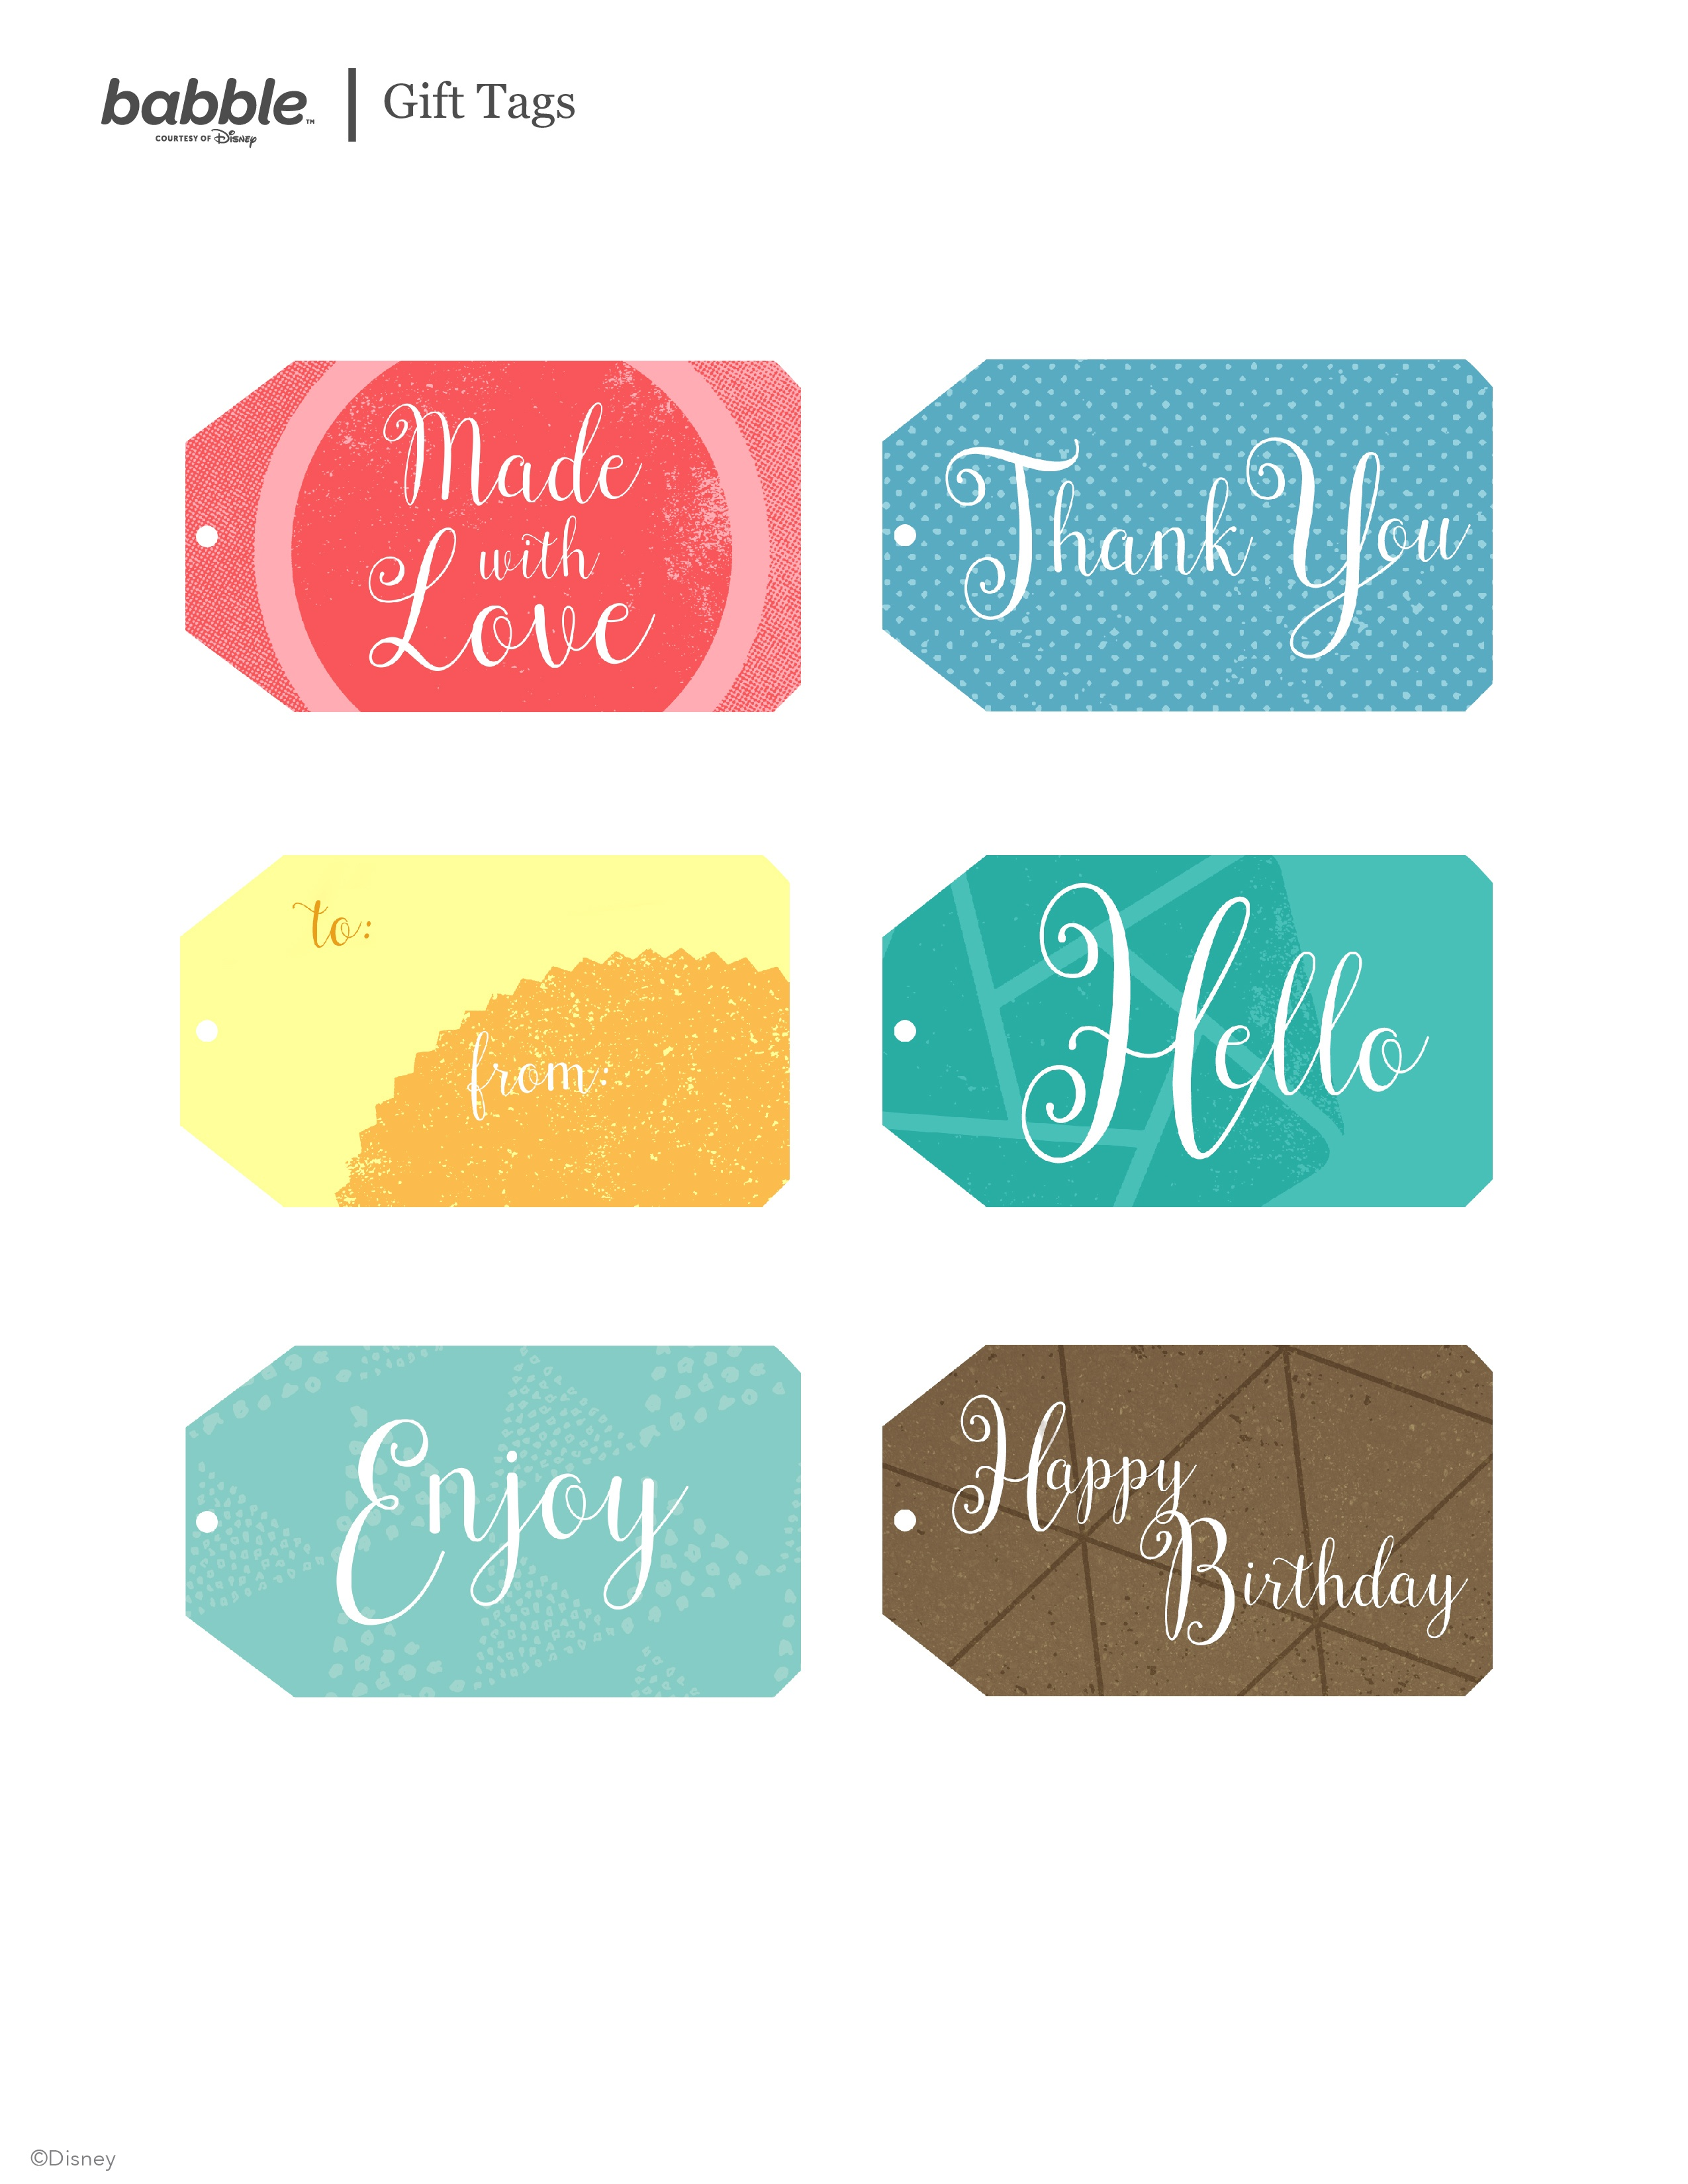 Free Printable Gift Tags   Babble - Free Printable Gift Tags